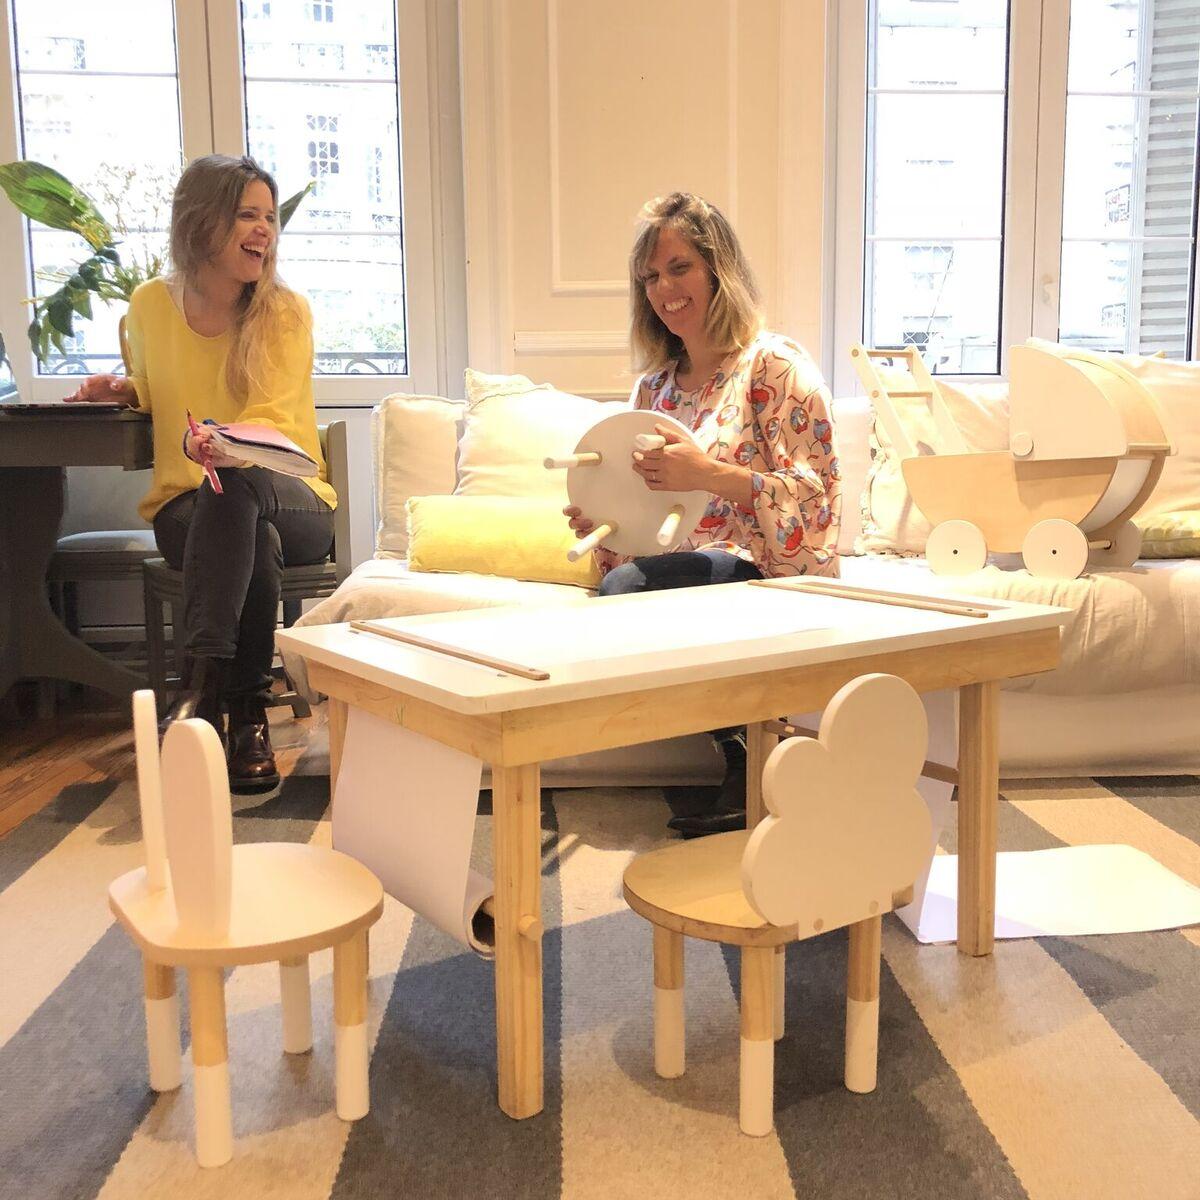 Foto socias Florencia Dadone y Macarena Speroni